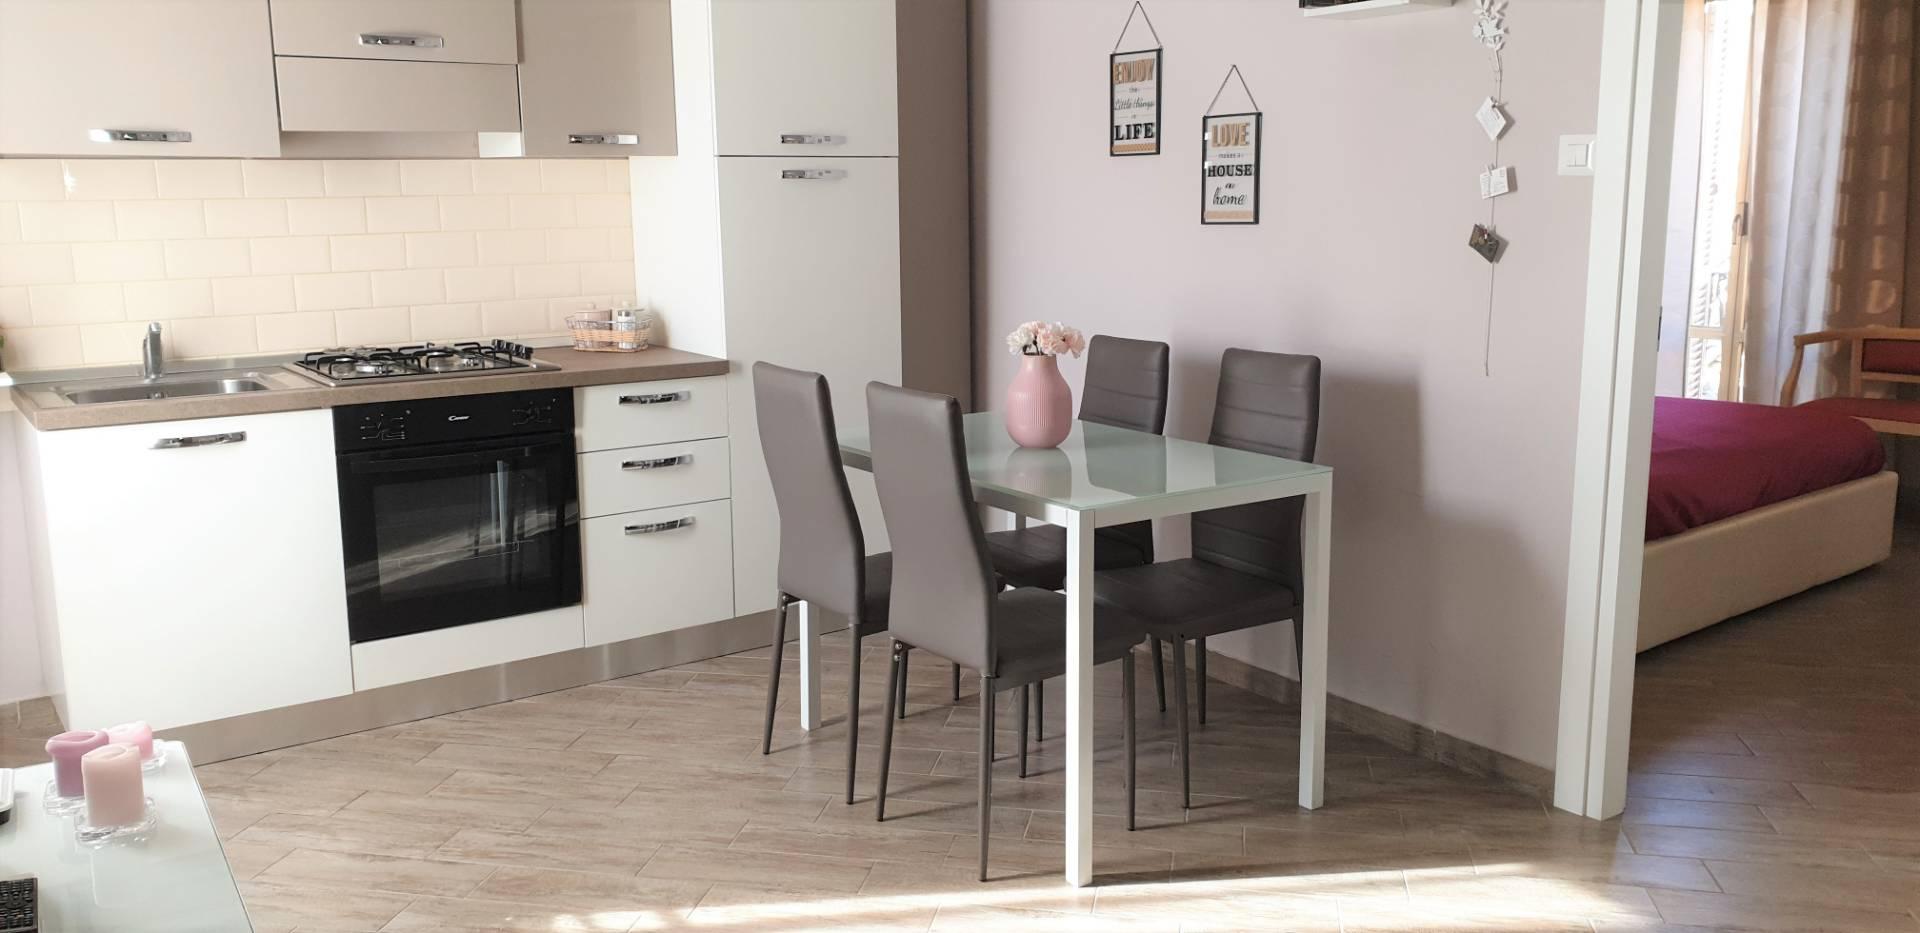 Appartamento in vendita a Viterbo, 3 locali, zona Zona: Centro, prezzo € 74.000 | CambioCasa.it